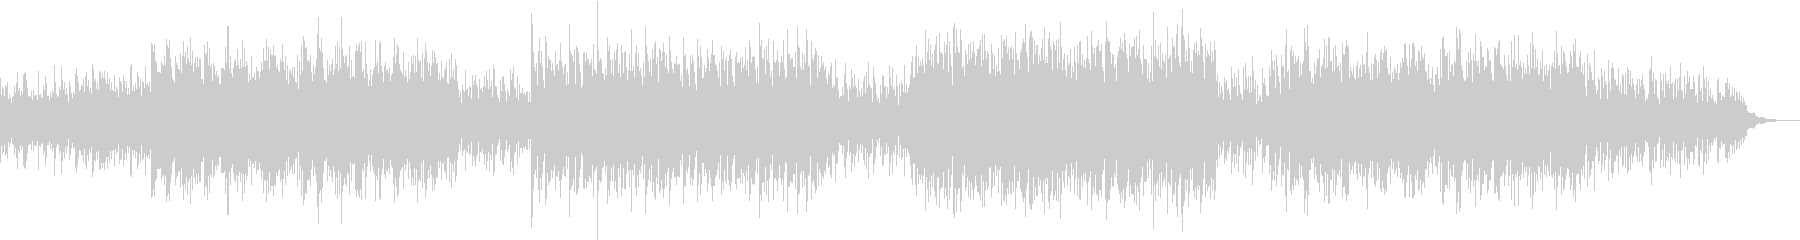 ピアノがメインでビート感のあるサウンドの未再生の波形